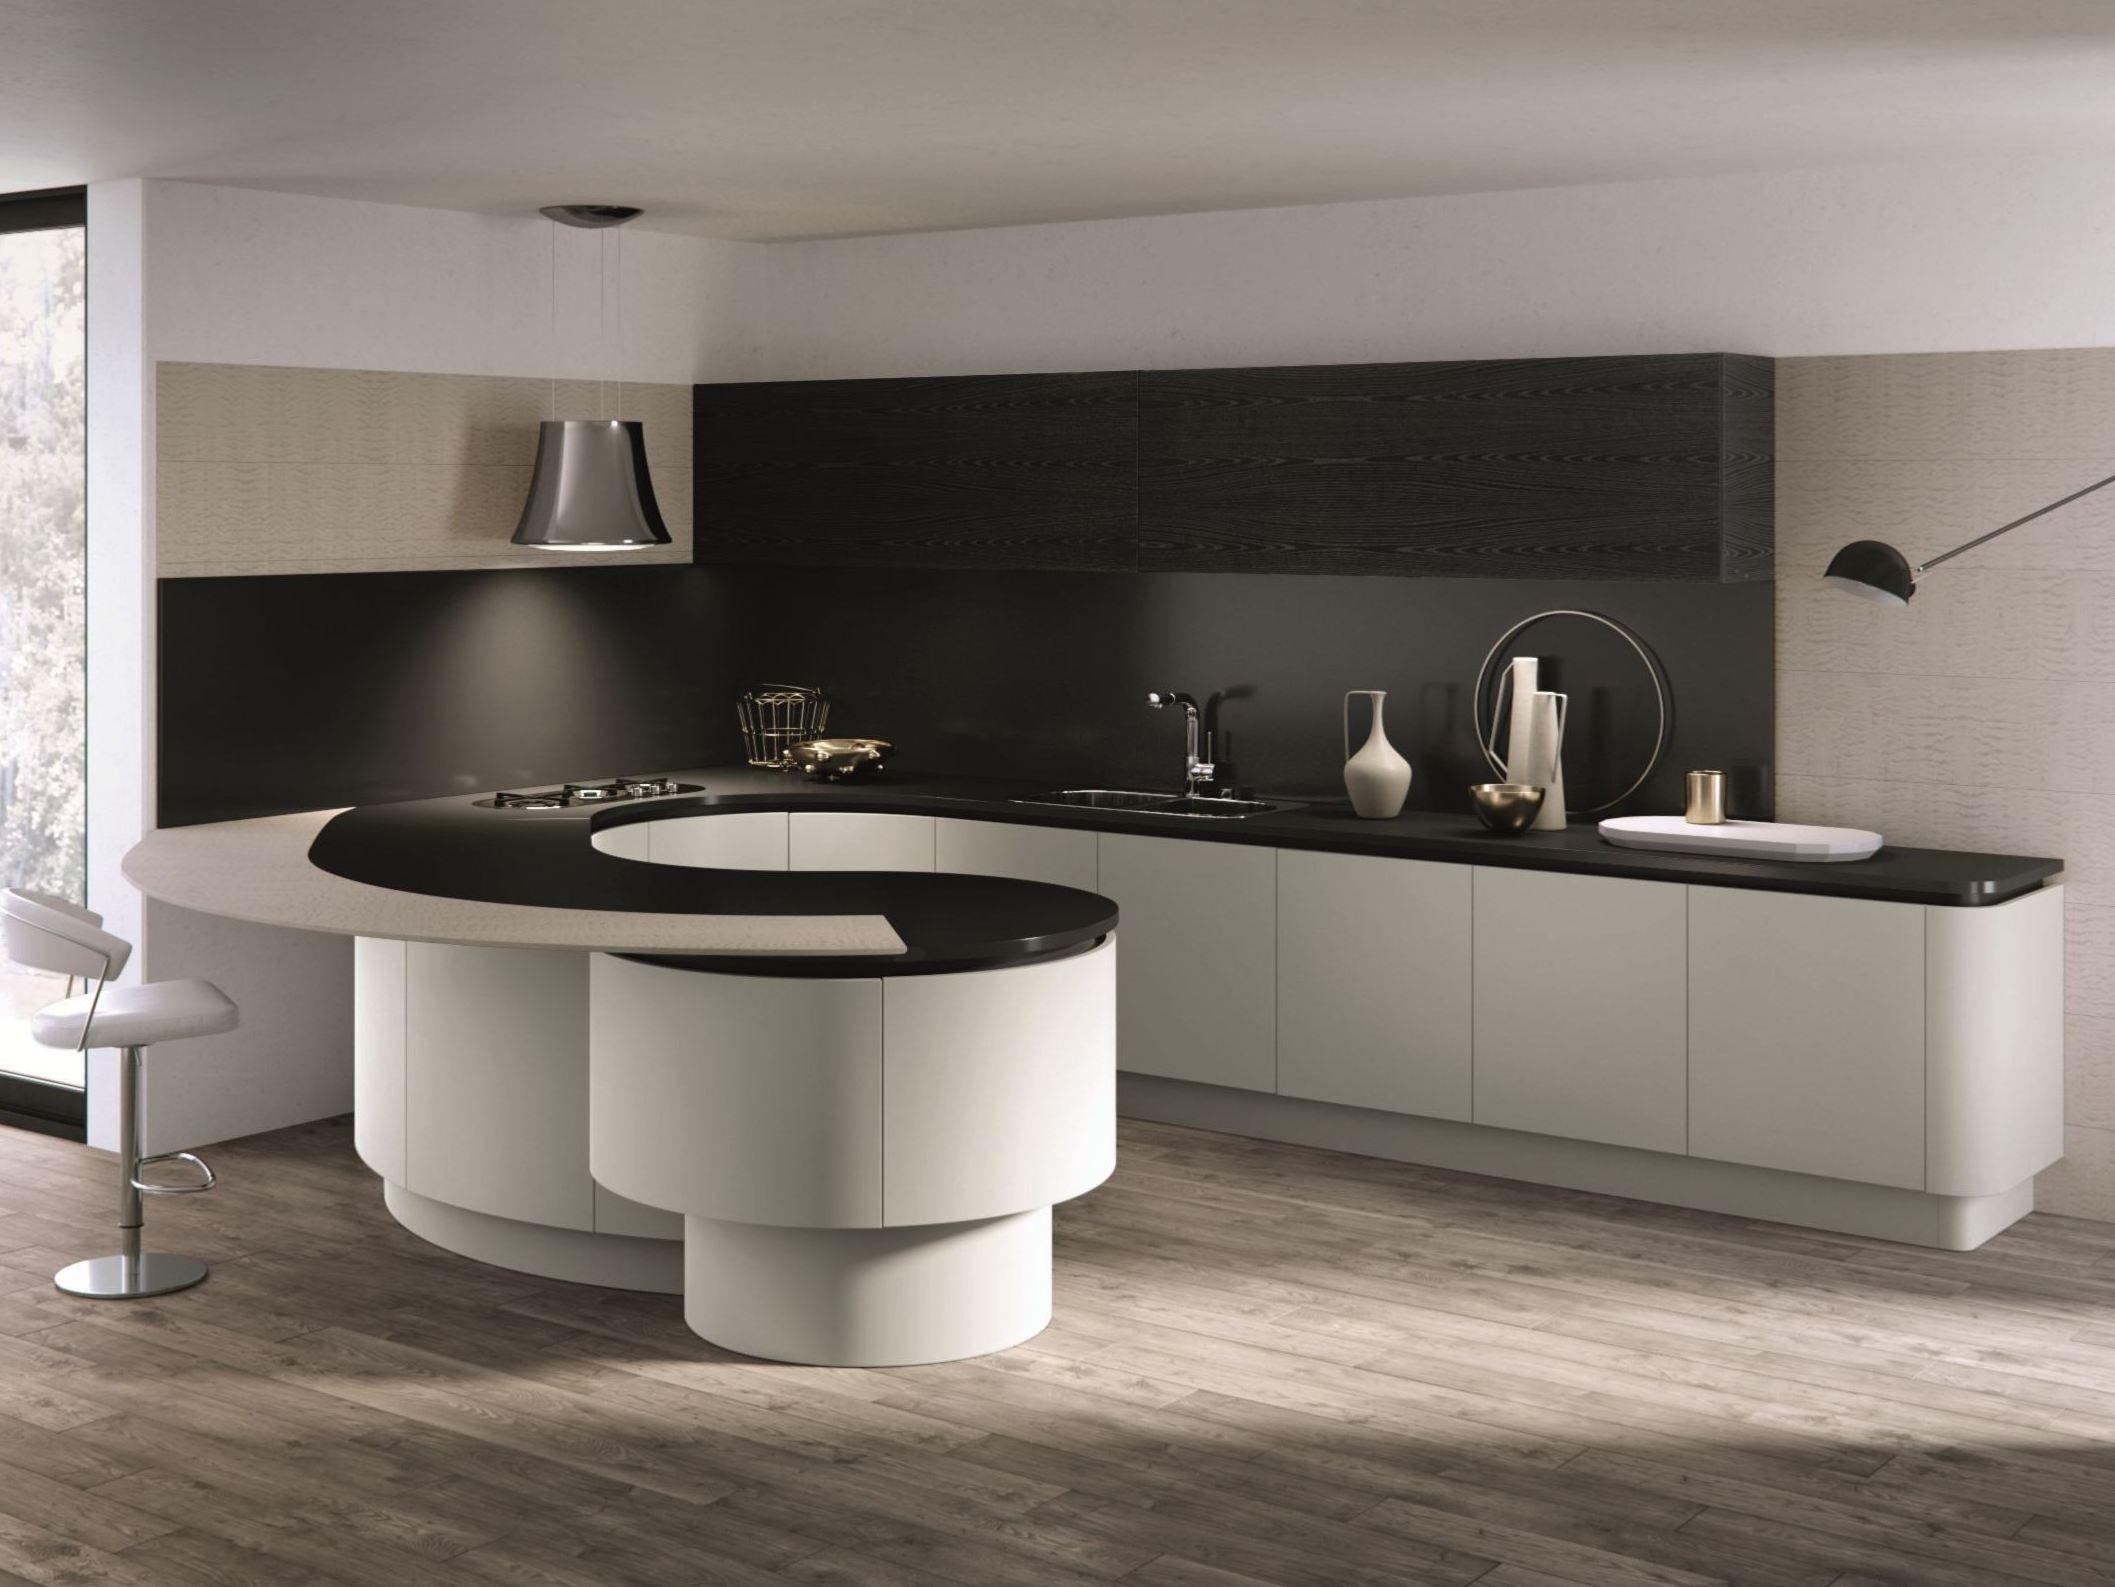 Domina cucina con penisola by aster cucine design lorenzo granocchia - Cucine aster prezzi ...